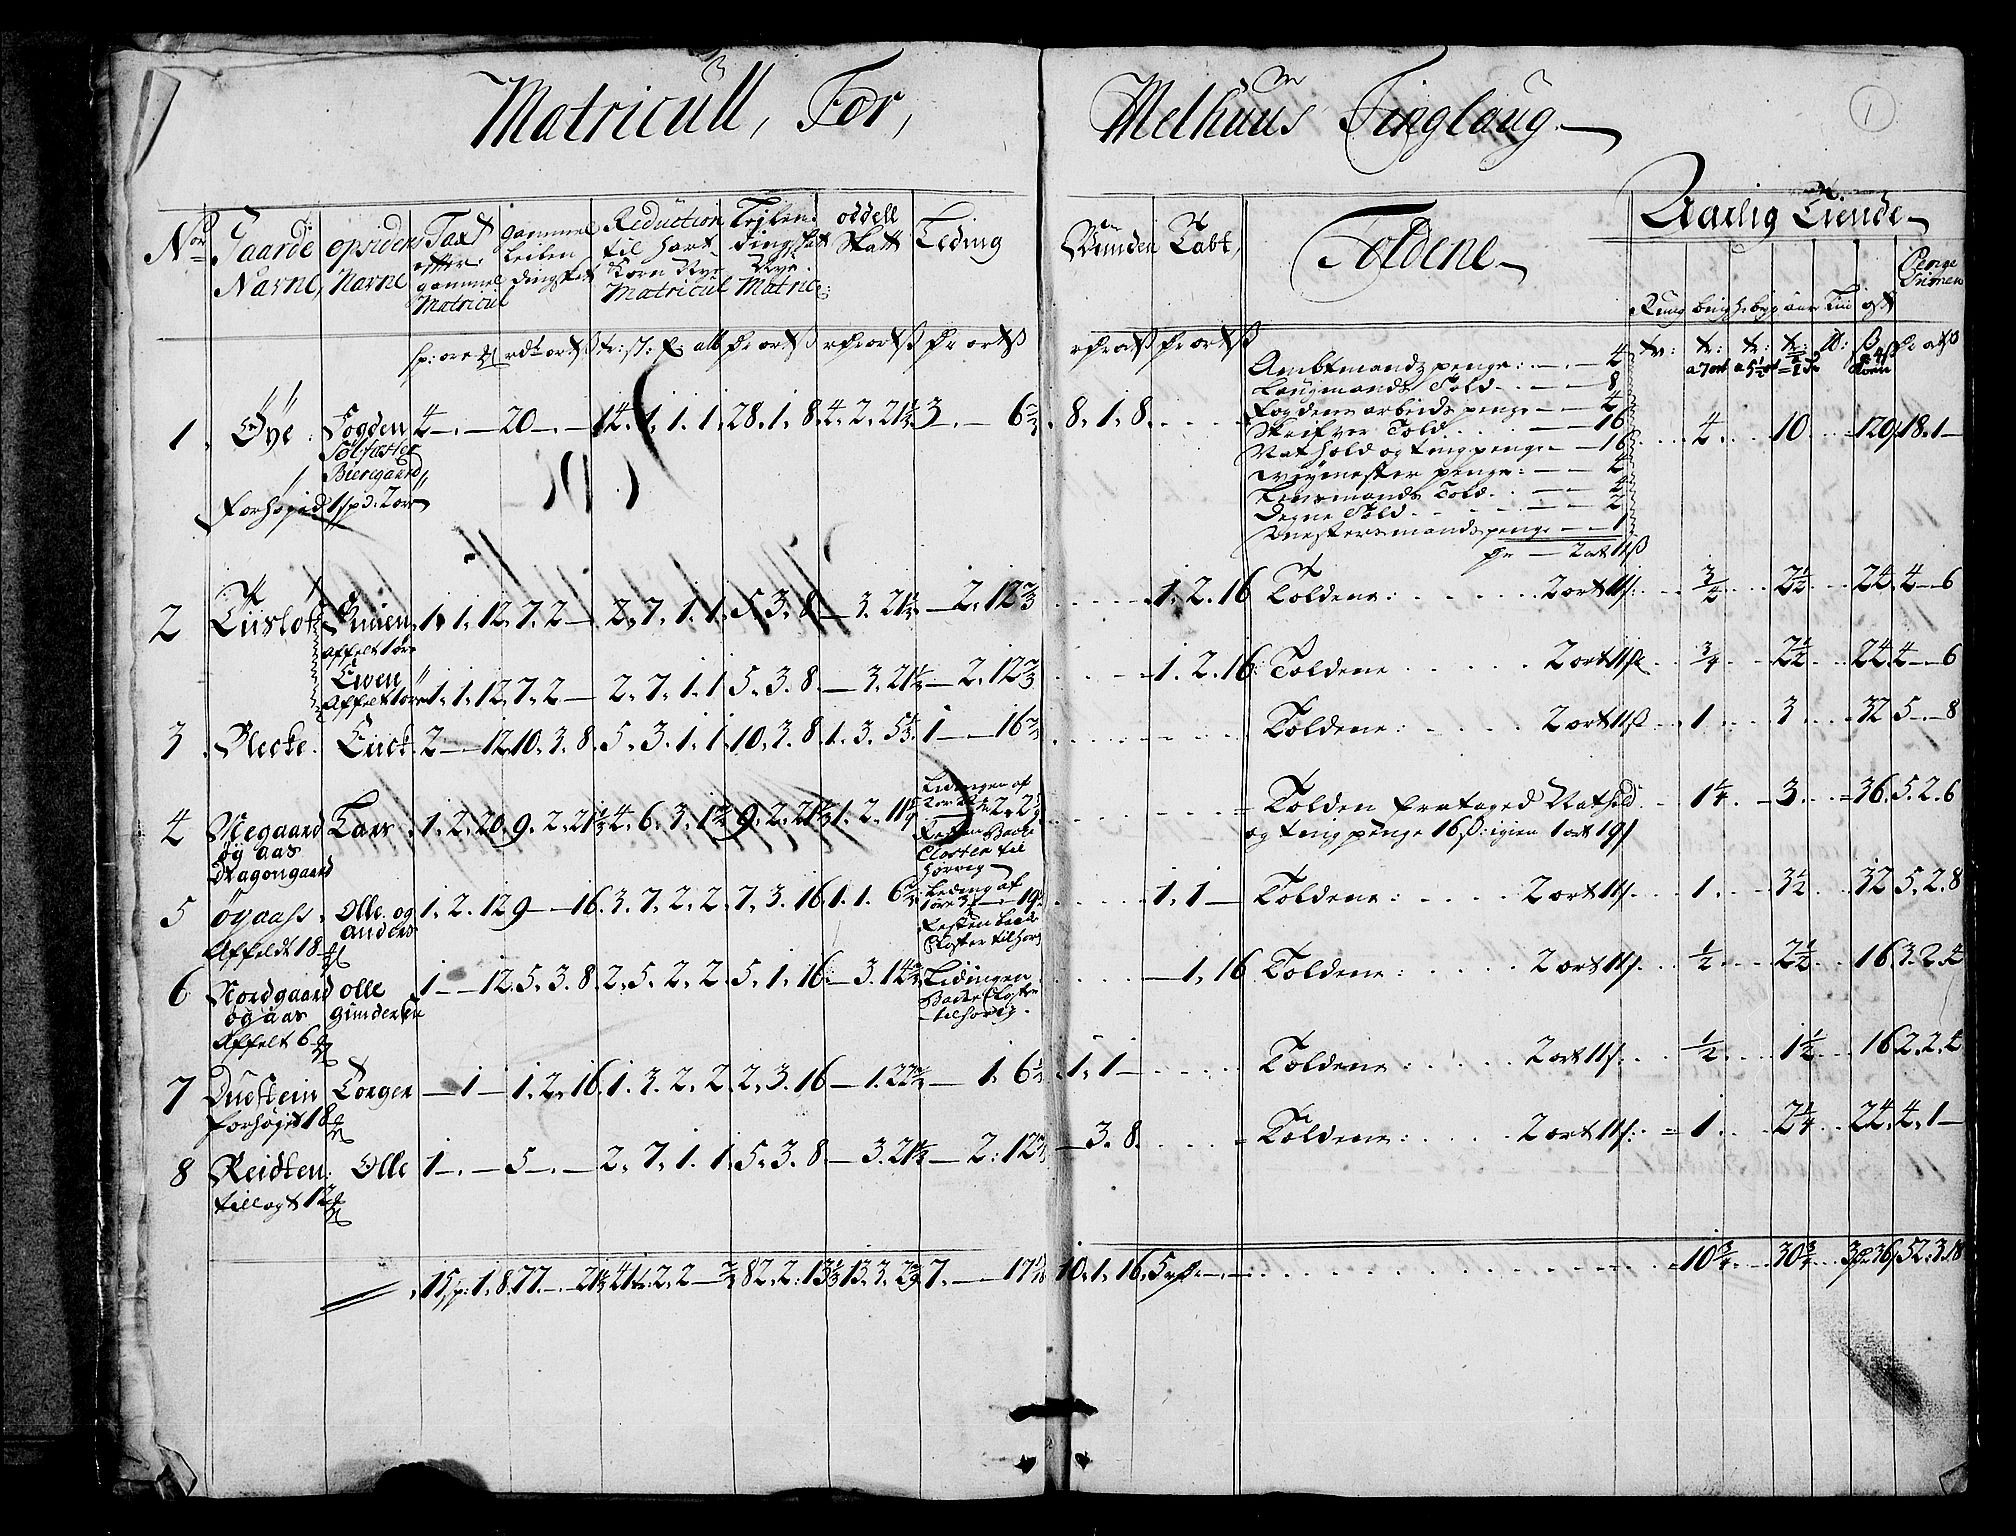 RA, Rentekammeret inntil 1814, Realistisk ordnet avdeling, N/Nb/Nbf/L0159: Gauldal matrikkelprotokoll, 1723, s. 1a